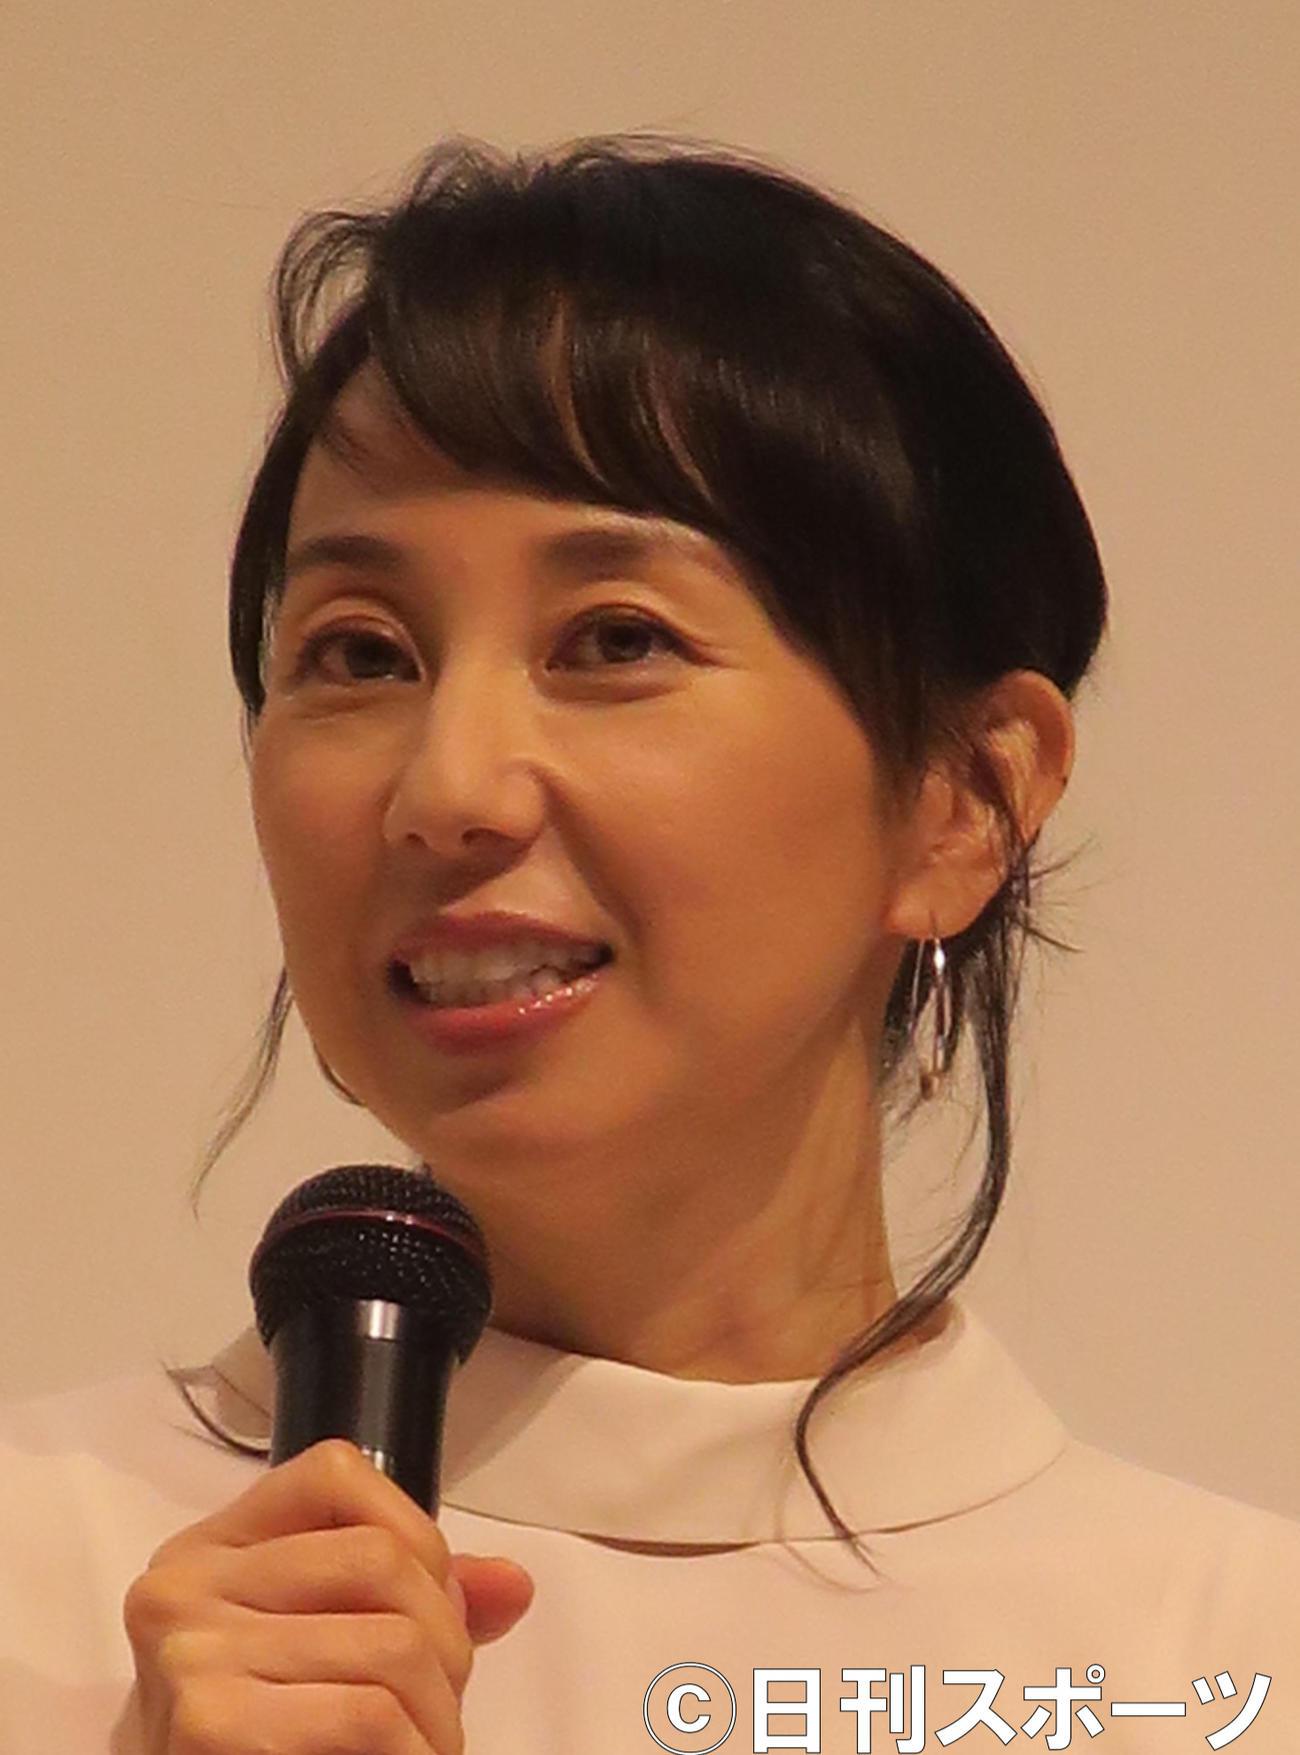 東尾理子(2017年10月18日撮影)